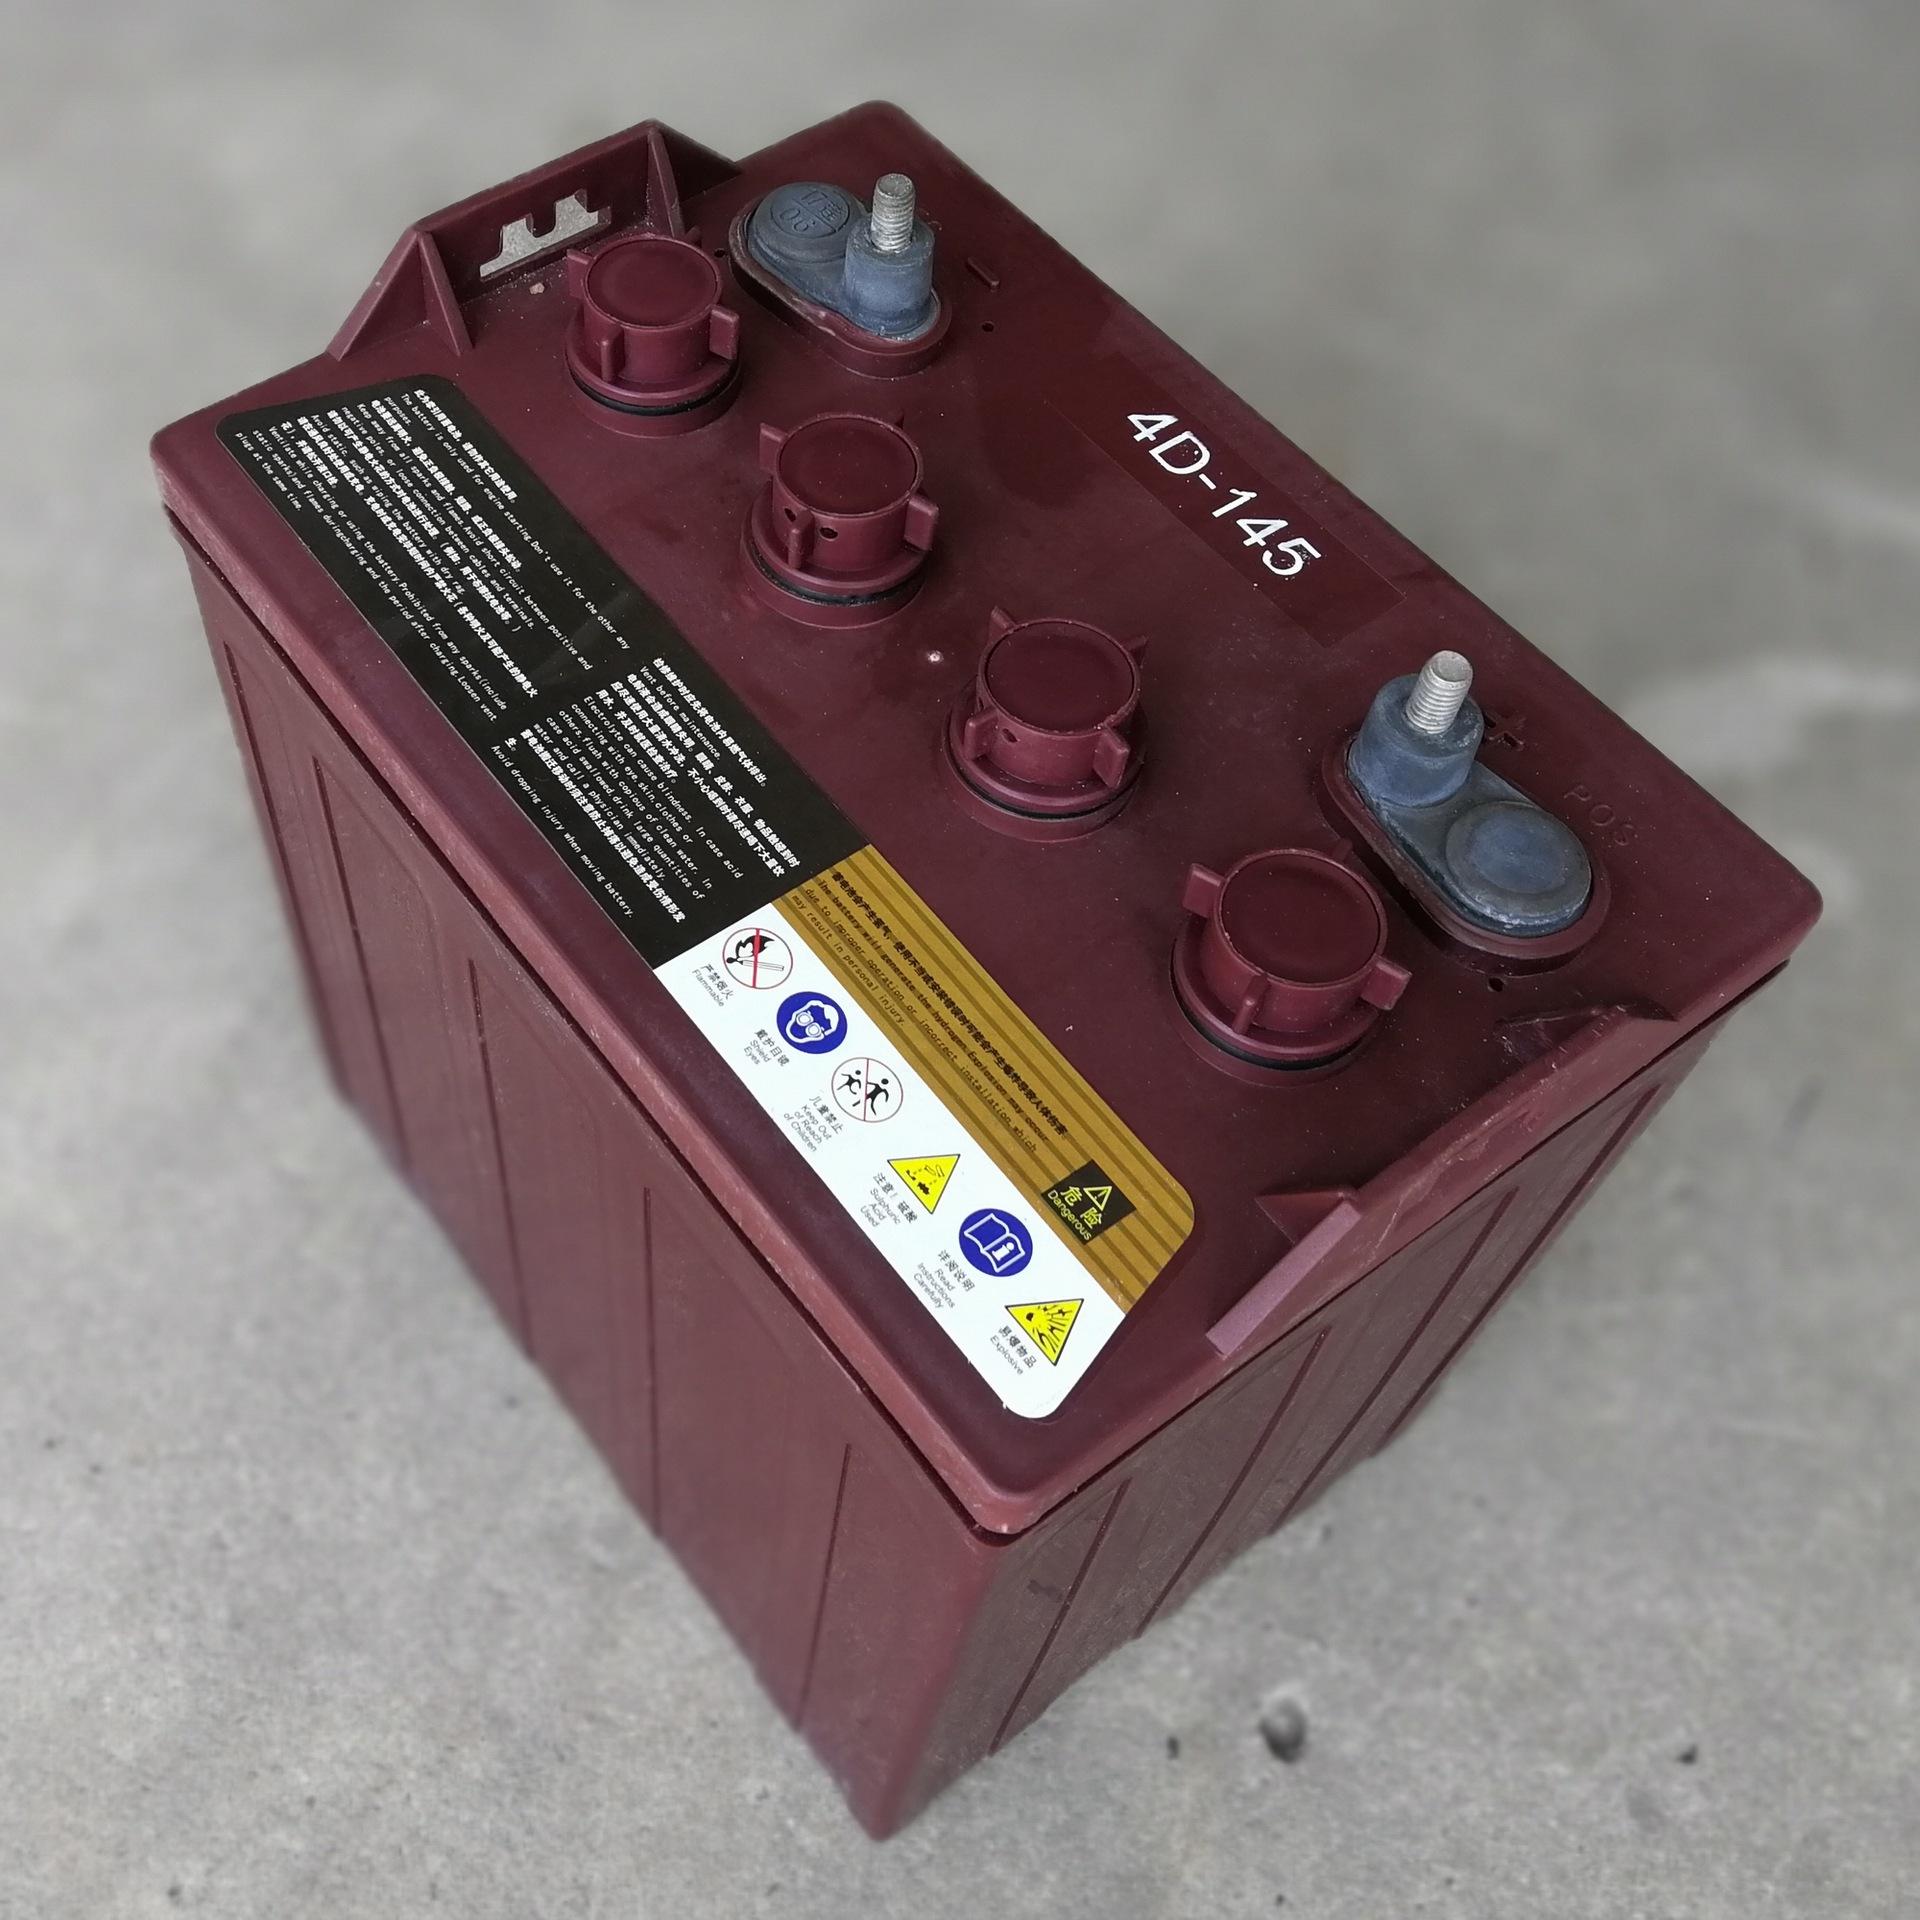 供应8V电瓶高尔夫电瓶游览车电瓶4D-145电瓶8V145Ah铅酸蓄电池